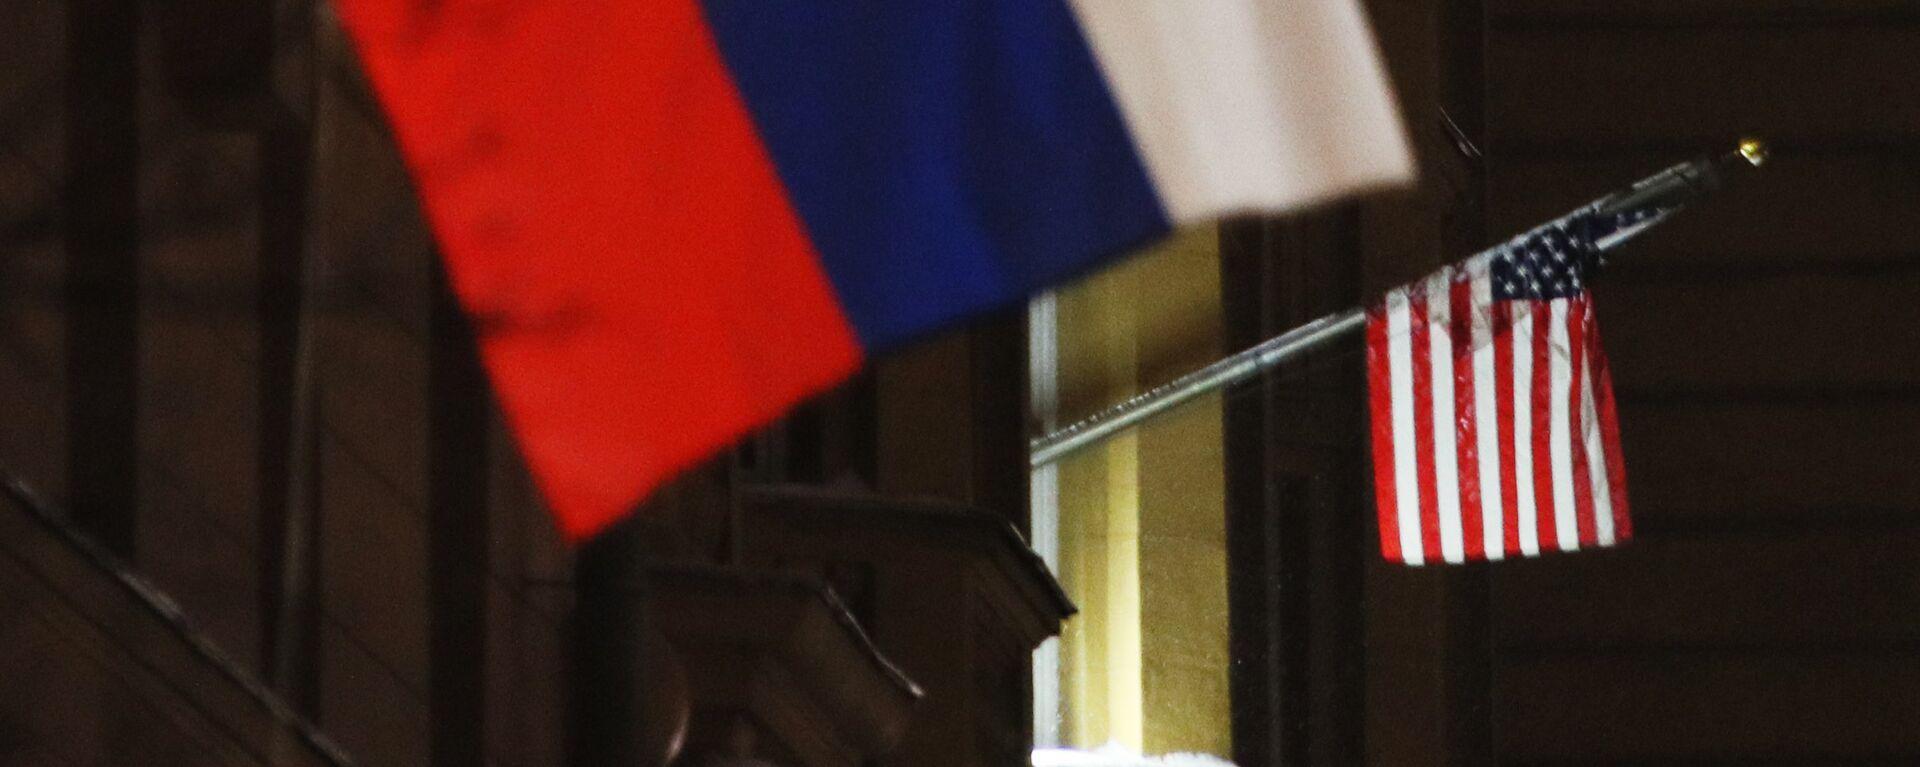 Banderas de Rusia y EEUU - Sputnik Mundo, 1920, 02.06.2021